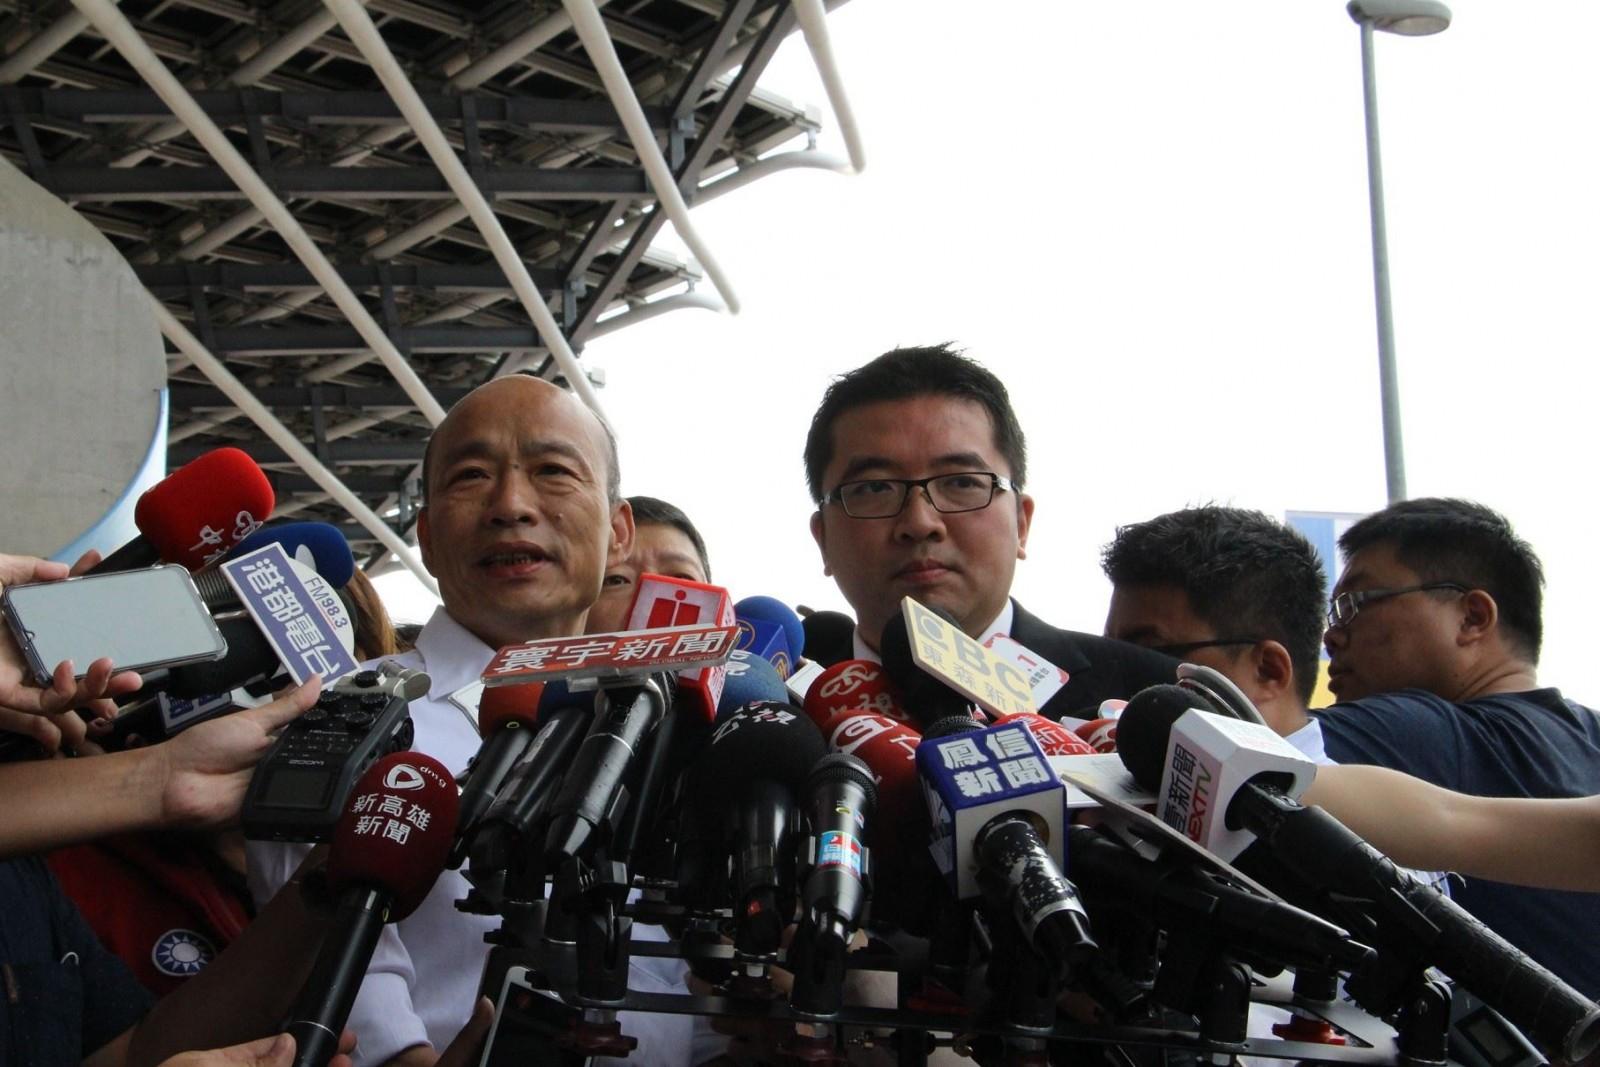 高市府青年局正式成立 韓國瑜:青年是國家的希望